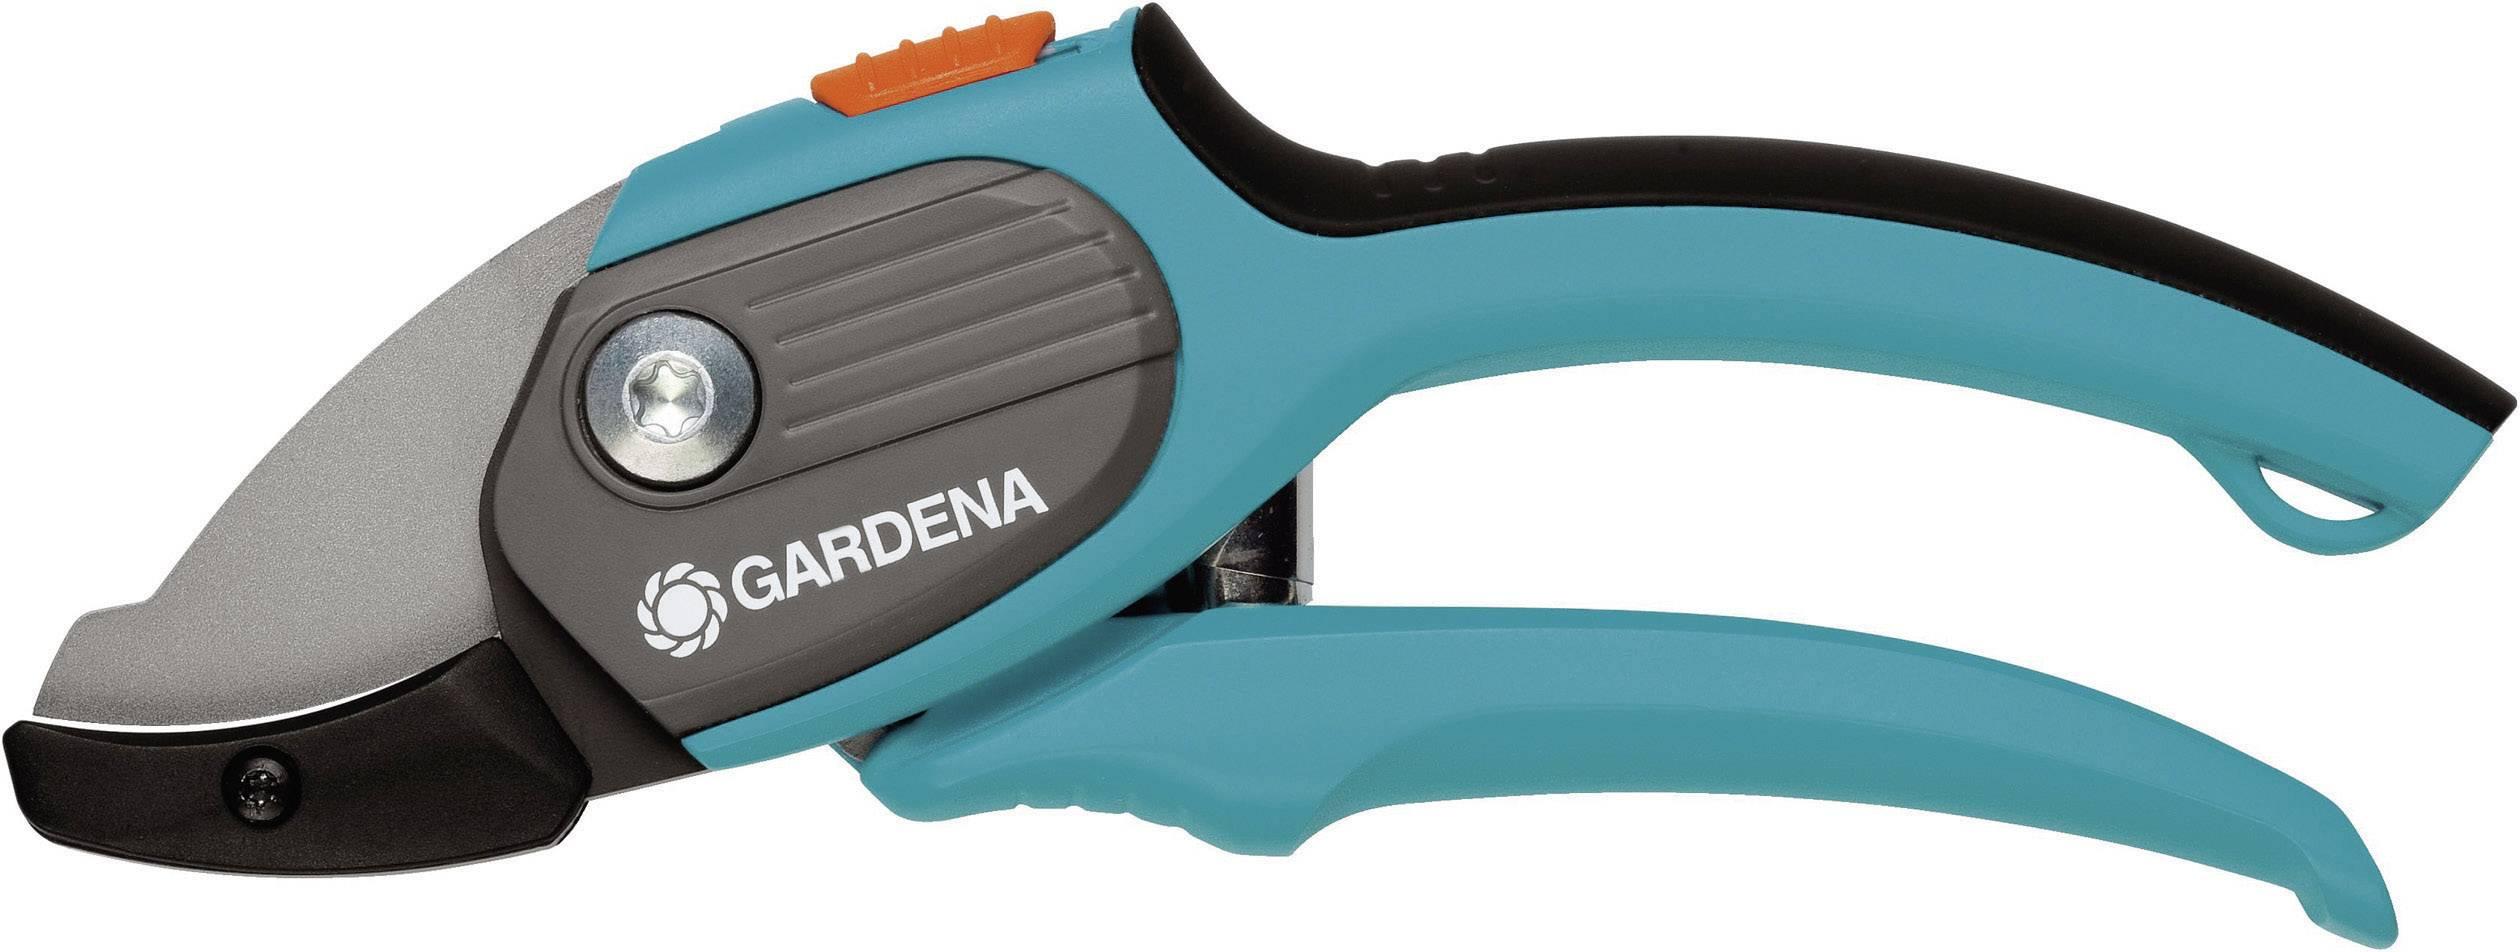 Záhradné nožnice GARDENA Comfort